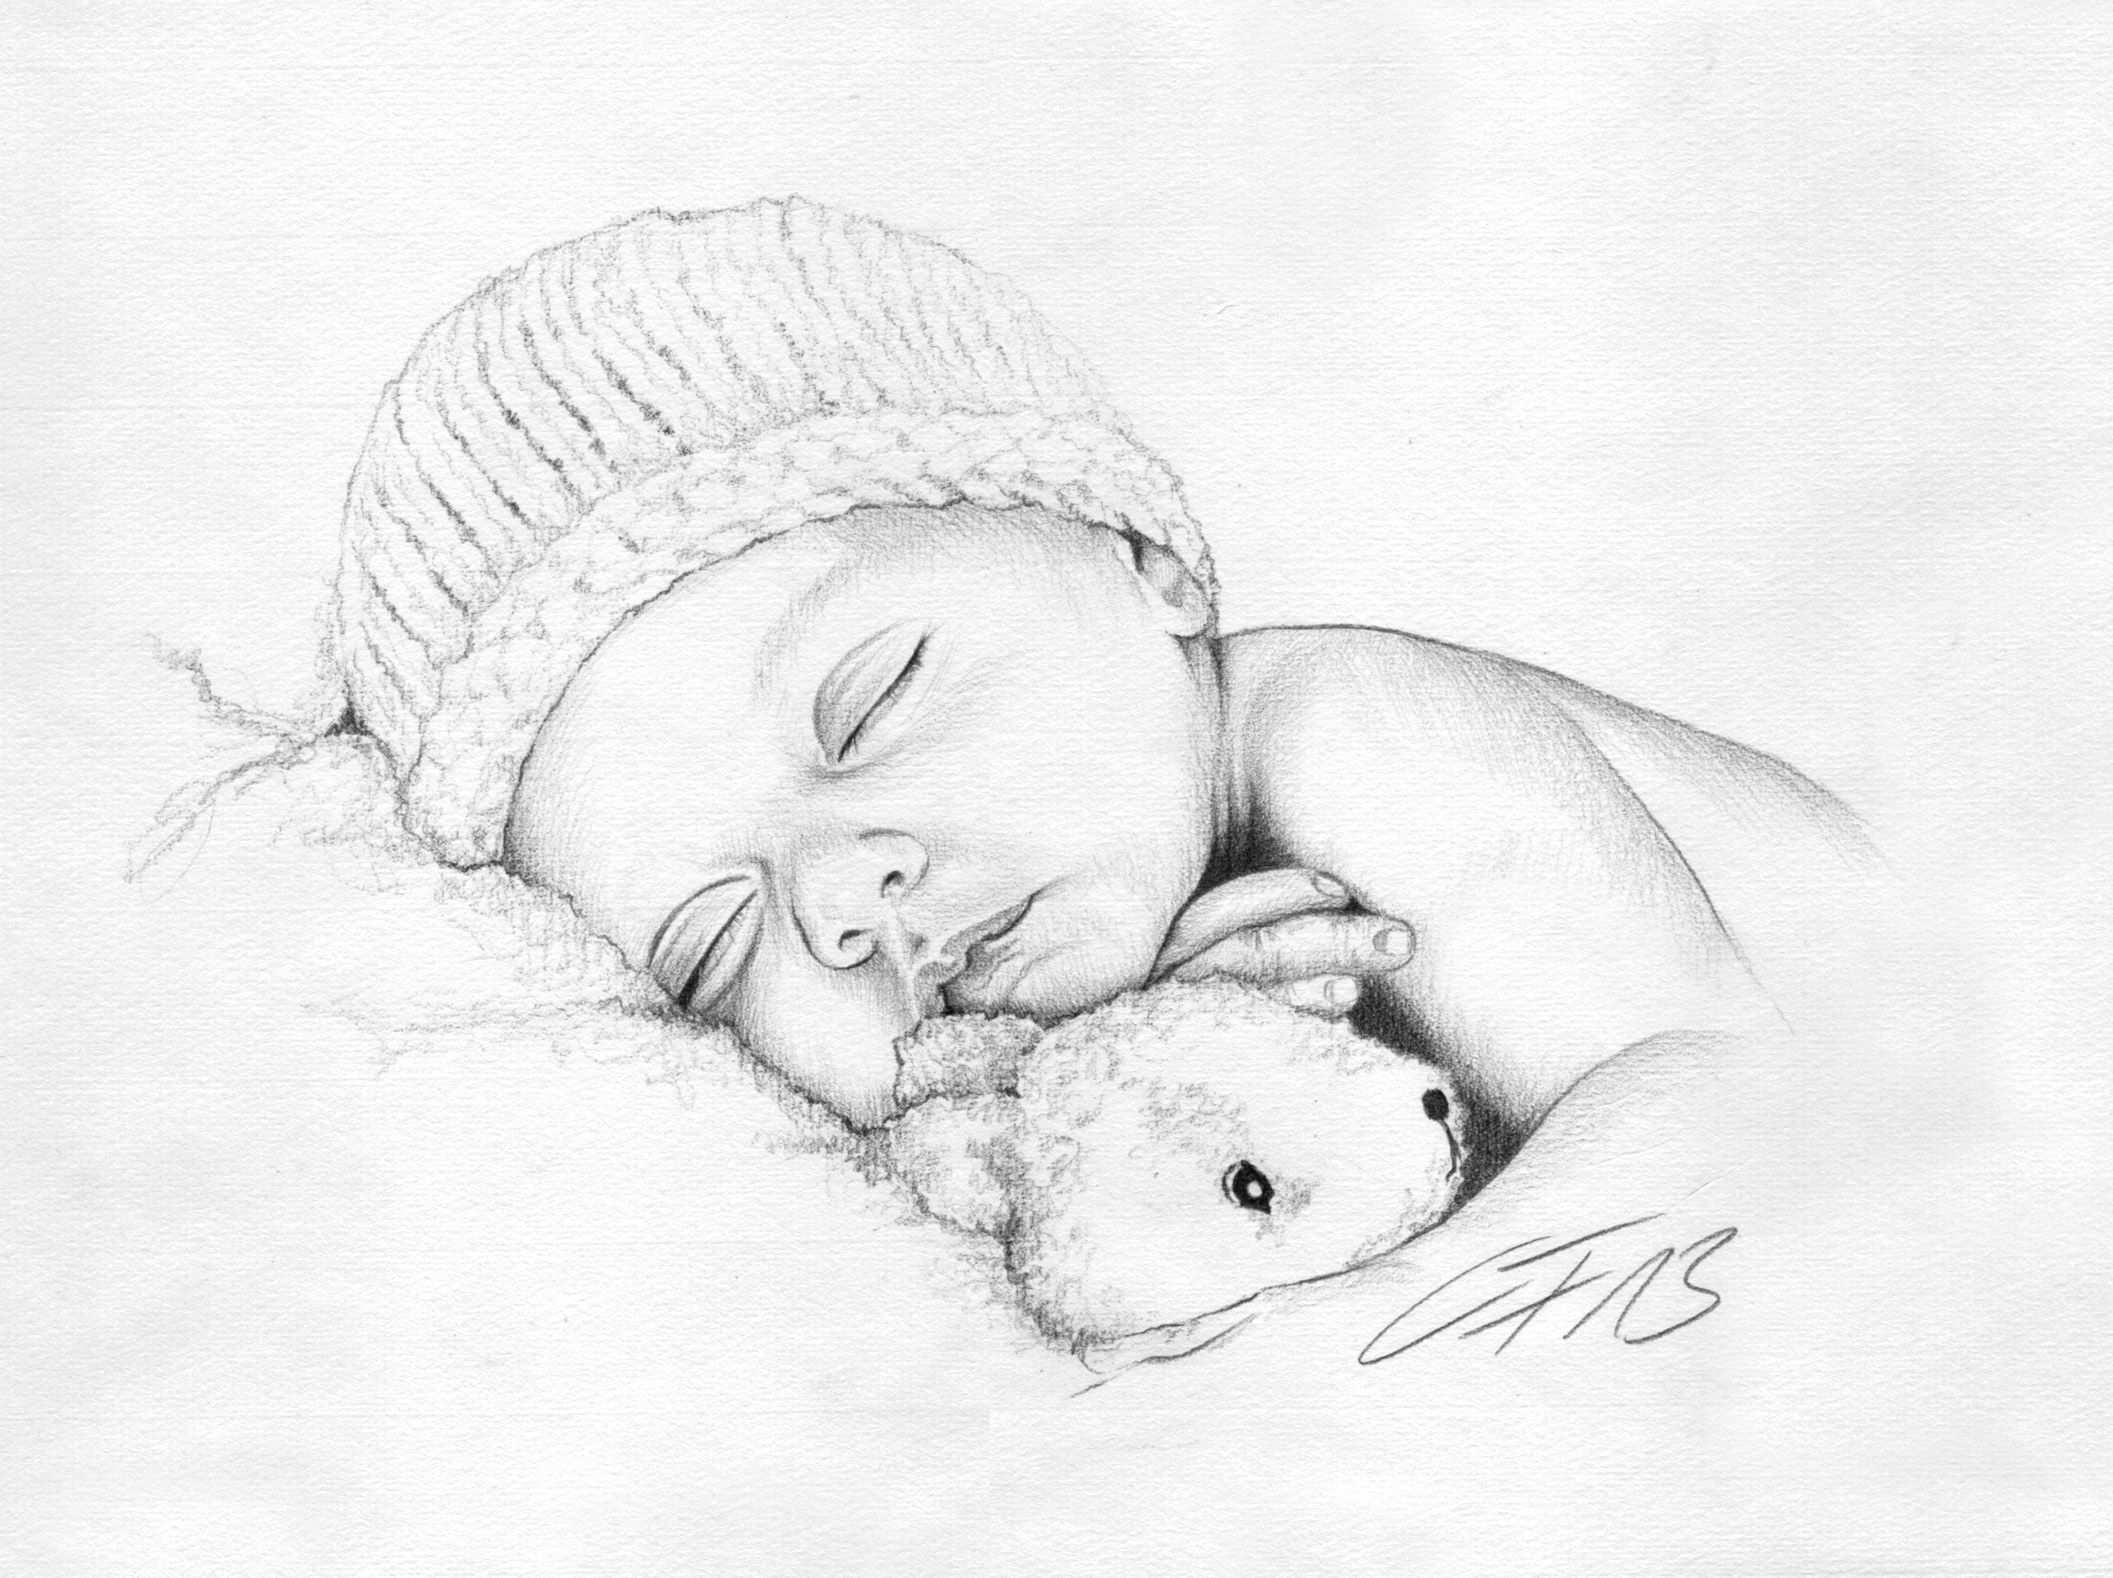 Bleistiftportrait Top Jpg 2113 1578 Zeichnung Bleistiftzeichnung Zeichnungen